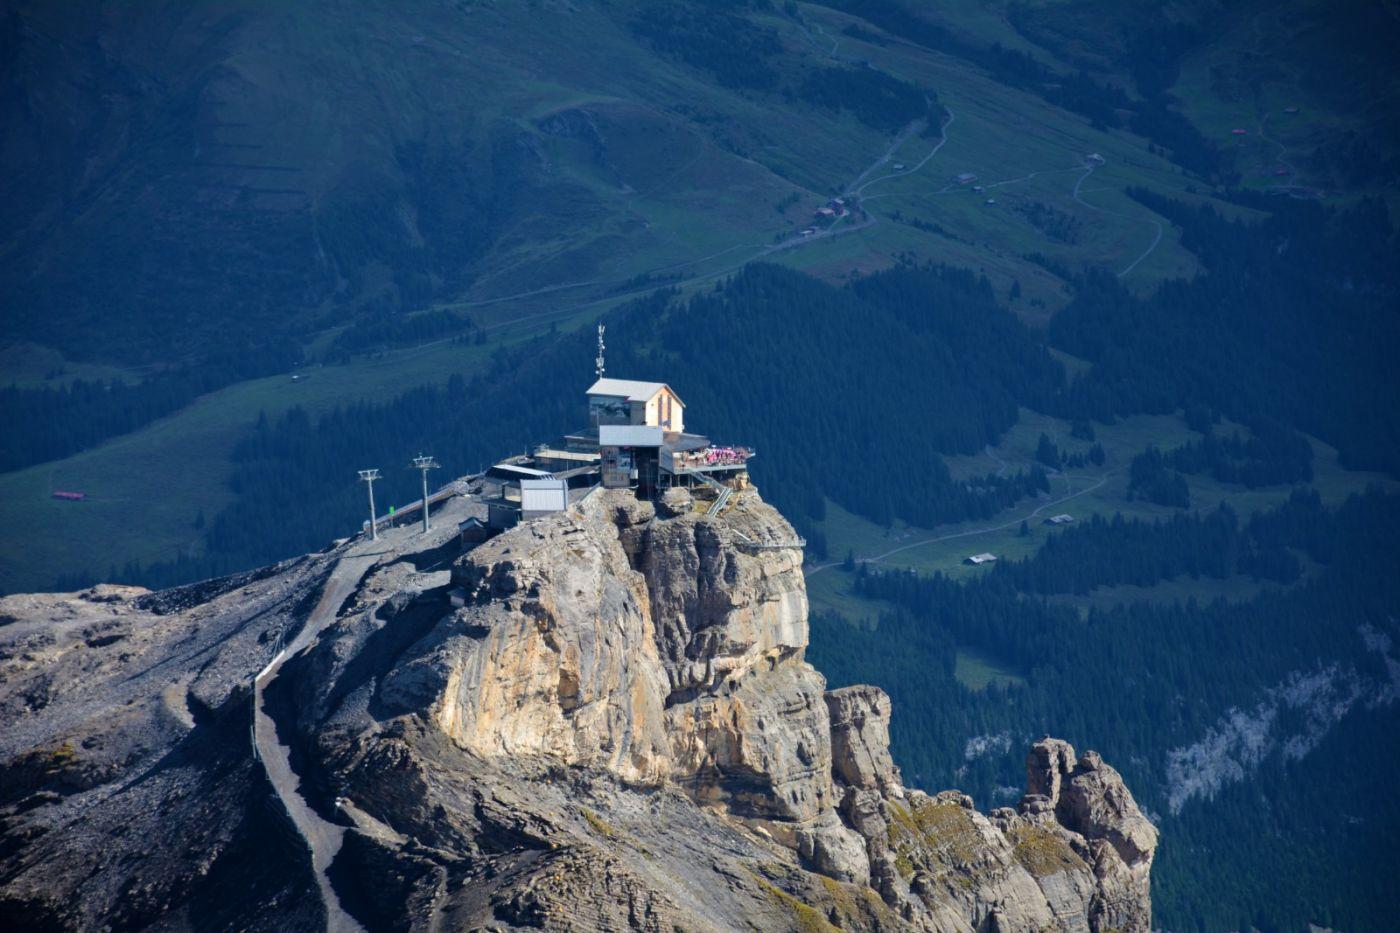 登上阿尔卑斯山遥望少女、勃朗峰_图1-10